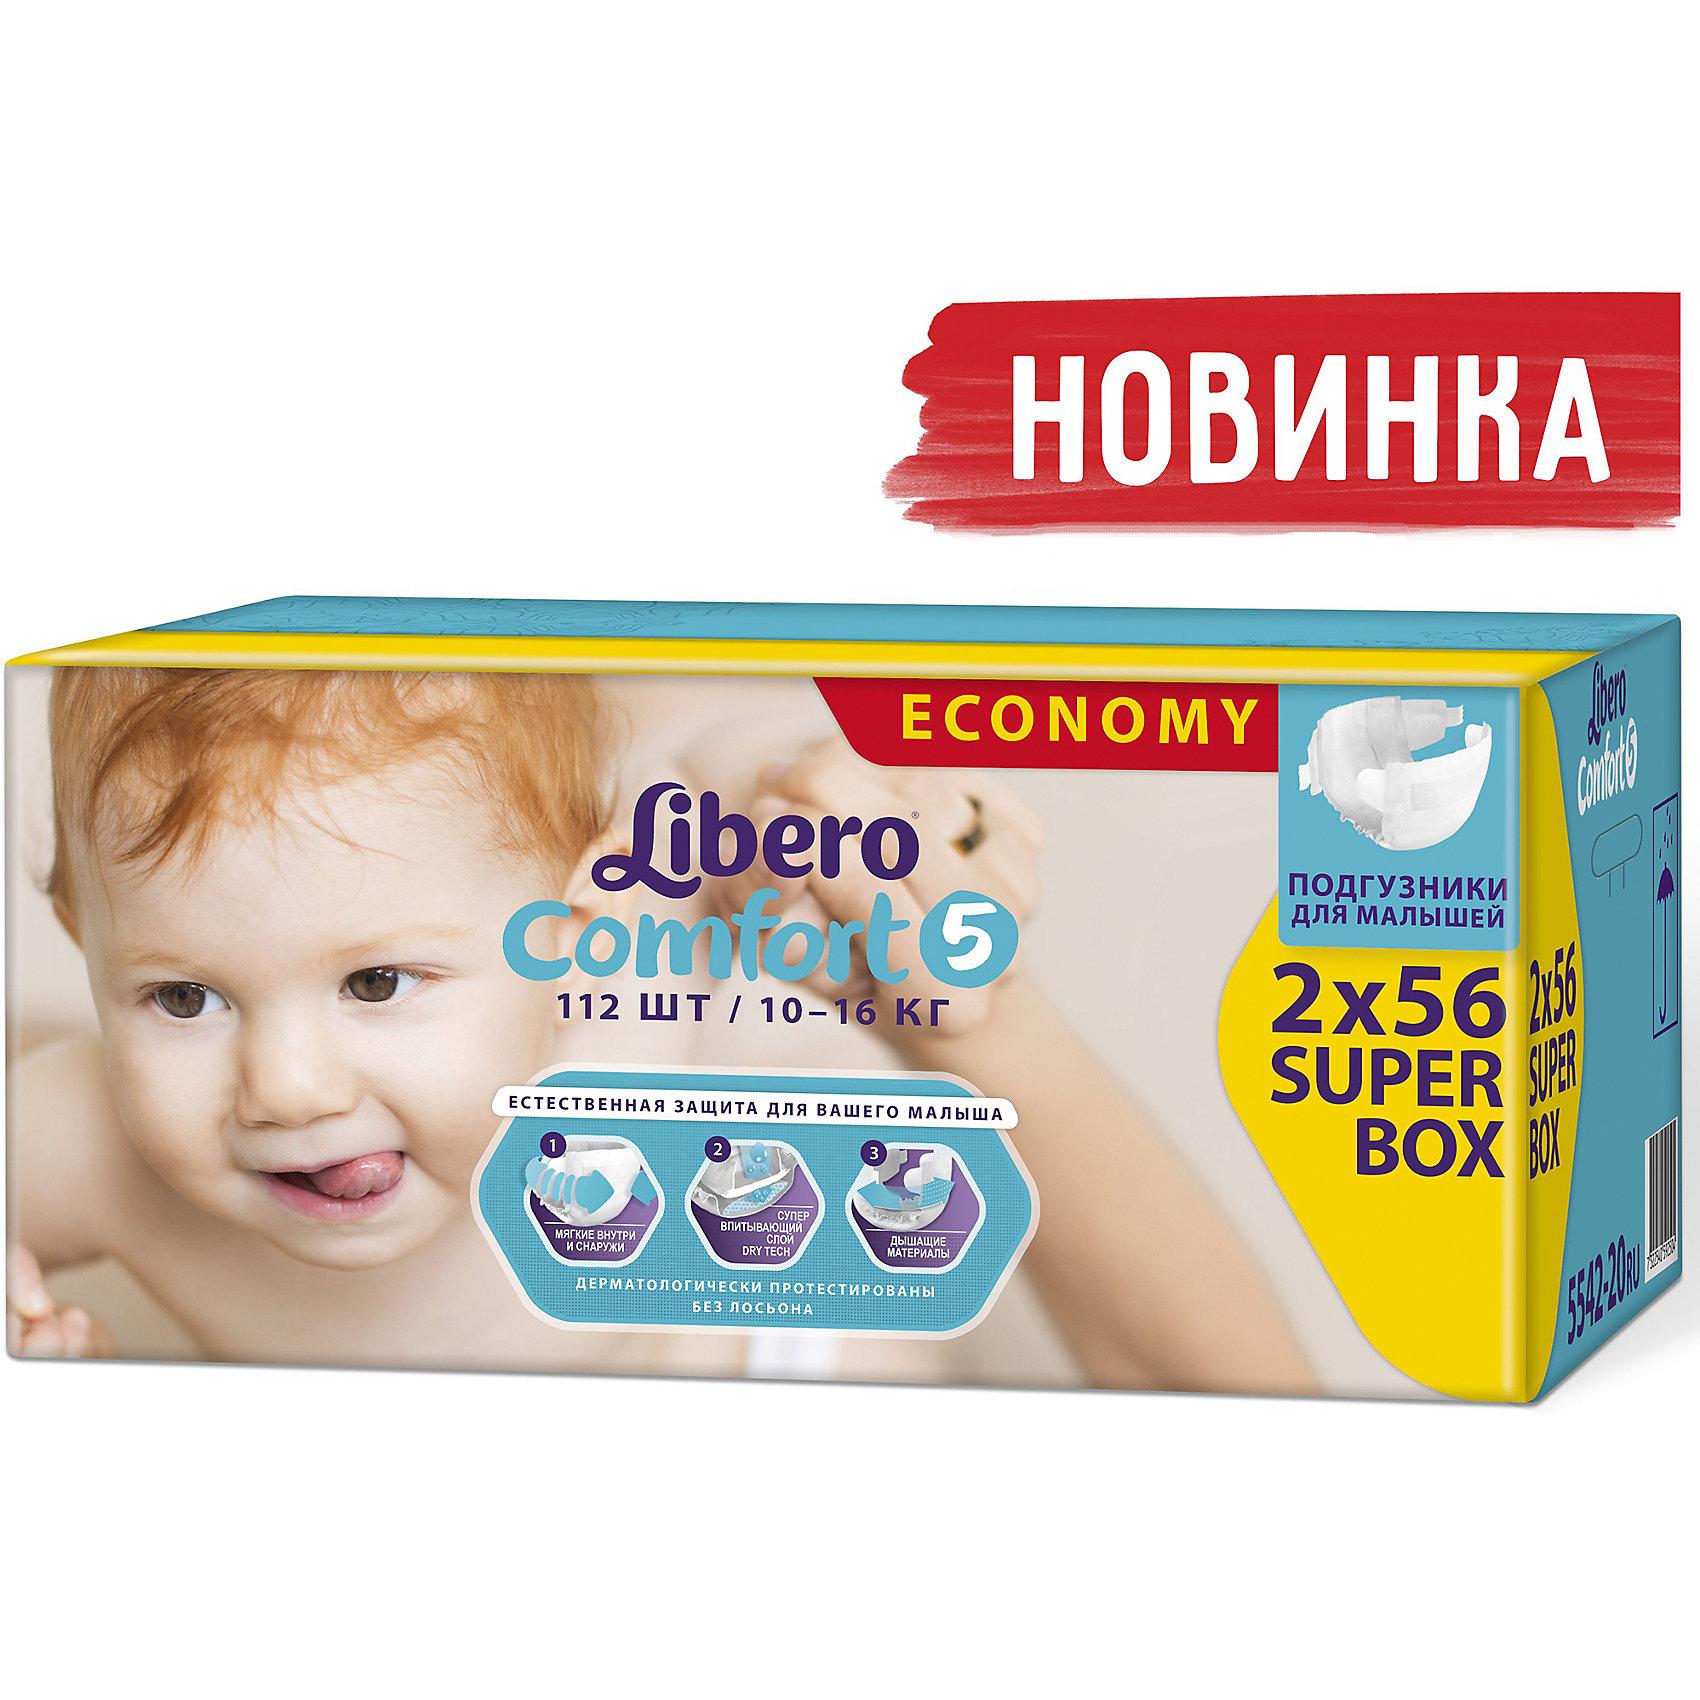 Подгузники Libero Comfort, Maxi Plus 10-16 кг (5), 112 шт. (2x56)Подгузники 5-12 кг.<br>Подгузники Libero Comfort (Либеро Комфорт) Size 5 (10-16кг), 112 шт.<br><br>Характеристики:<br><br>• быстро впитывают влагу и удерживают ее<br>• дышащий материал<br>• эластичный поясок<br>• тянущиеся боковинки<br>• мягкий барьер вокруг ног защитит от протеканий<br>• анатомические резиночки<br>• многоразовые застежки<br>• размер: 5 (от 10 до 16 кг)<br>• количество в упаковке: 112 шт.<br><br>Ваш малыш растет и развивается каждый день. Для комфортного исследования окружающего мира ему нужны хорошие подгузники. Libero Comfort быстро впитают влагу и предотвратят протекания благодаря высоким барьерам и эластичному пояску. Специальные материалы не содержат лосьонов и позволят коже крохи дышать, что поможет избежать раздражения и натирания. Тянущиеся боковинки и анатомические резинки обеспечат плотное прилегание подгузника к телу. Подарите юному исследователю сухость и комфорт!<br><br>Подгузники Libero Comfort (Либеро Комфорт)Size 5 (10-16кг), 112 шт. вы можете купить в нашем интернет-магазине.<br><br>Ширина мм: 264<br>Глубина мм: 448<br>Высота мм: 209<br>Вес г: 4445<br>Возраст от месяцев: 6<br>Возраст до месяцев: 36<br>Пол: Унисекс<br>Возраст: Детский<br>SKU: 3517626